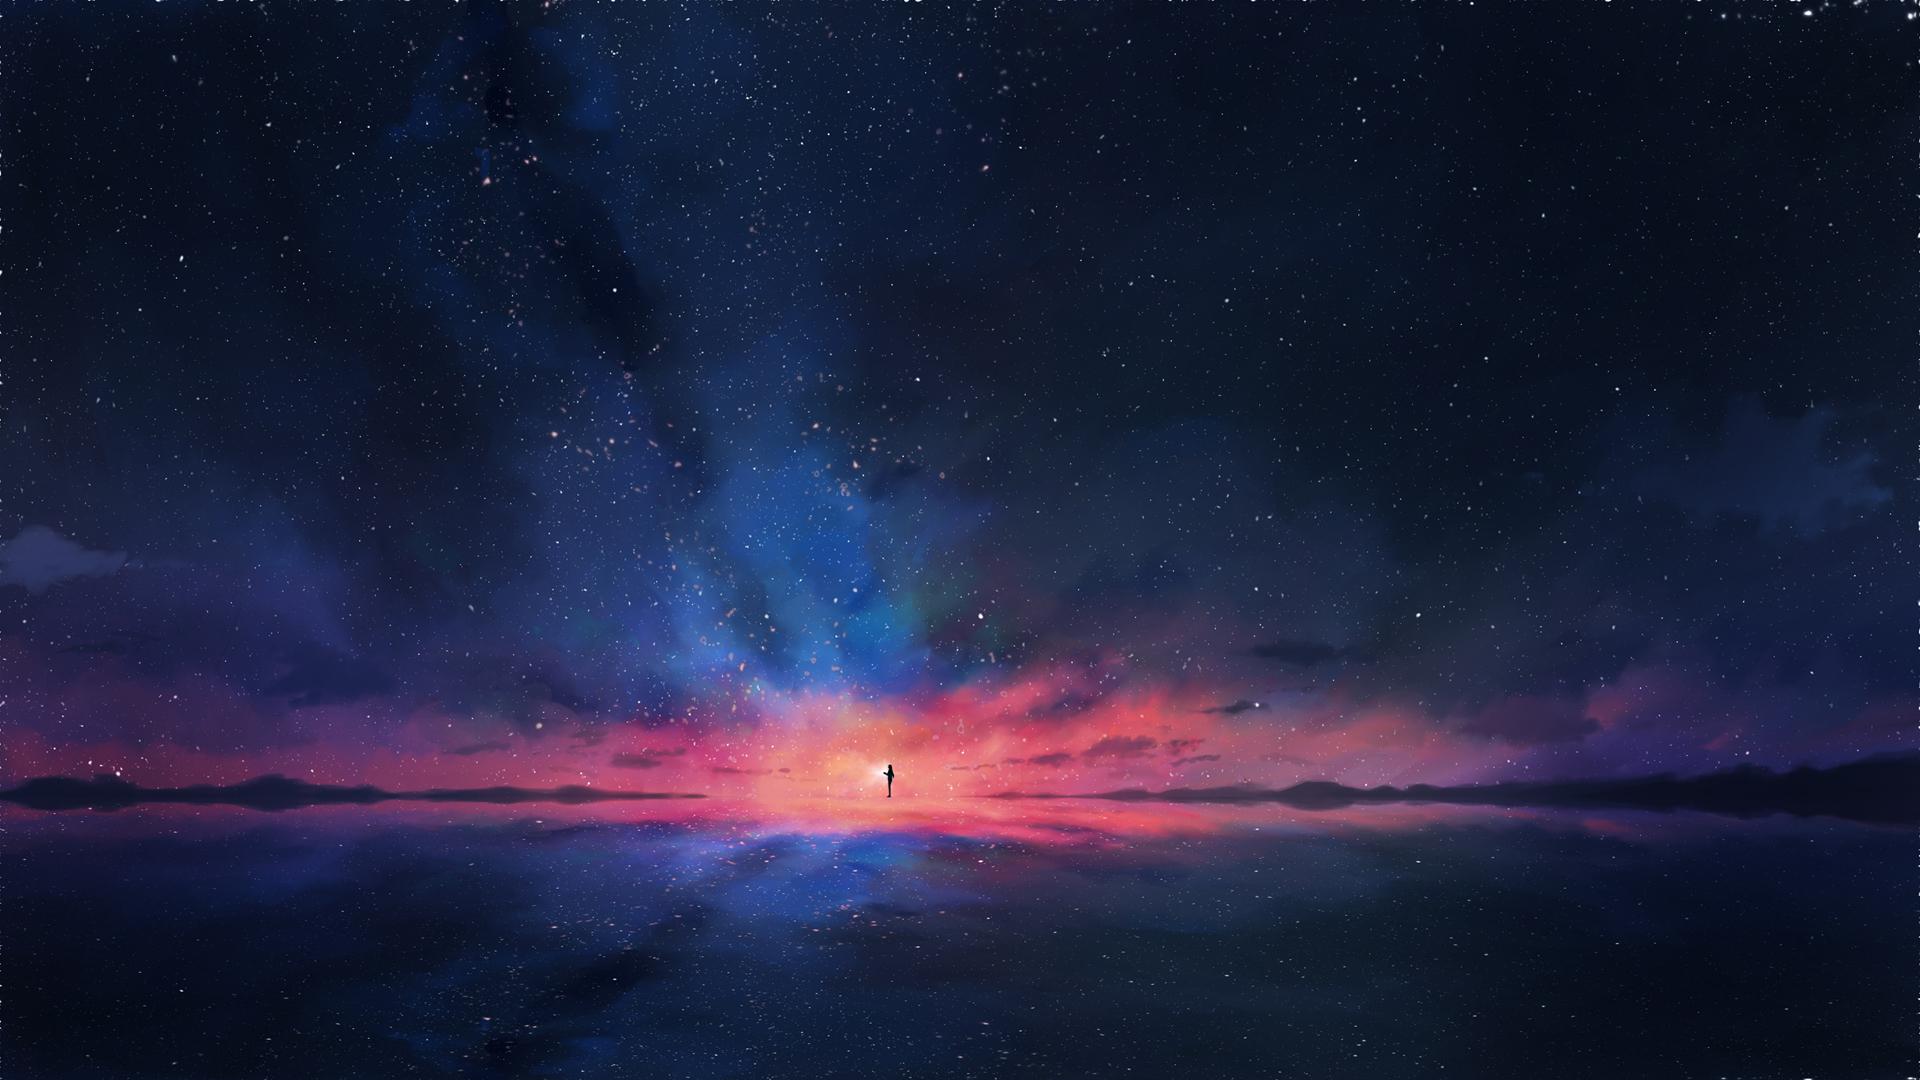 数星人 星空背景 夜空 唯美意境动漫壁纸-动漫壁纸